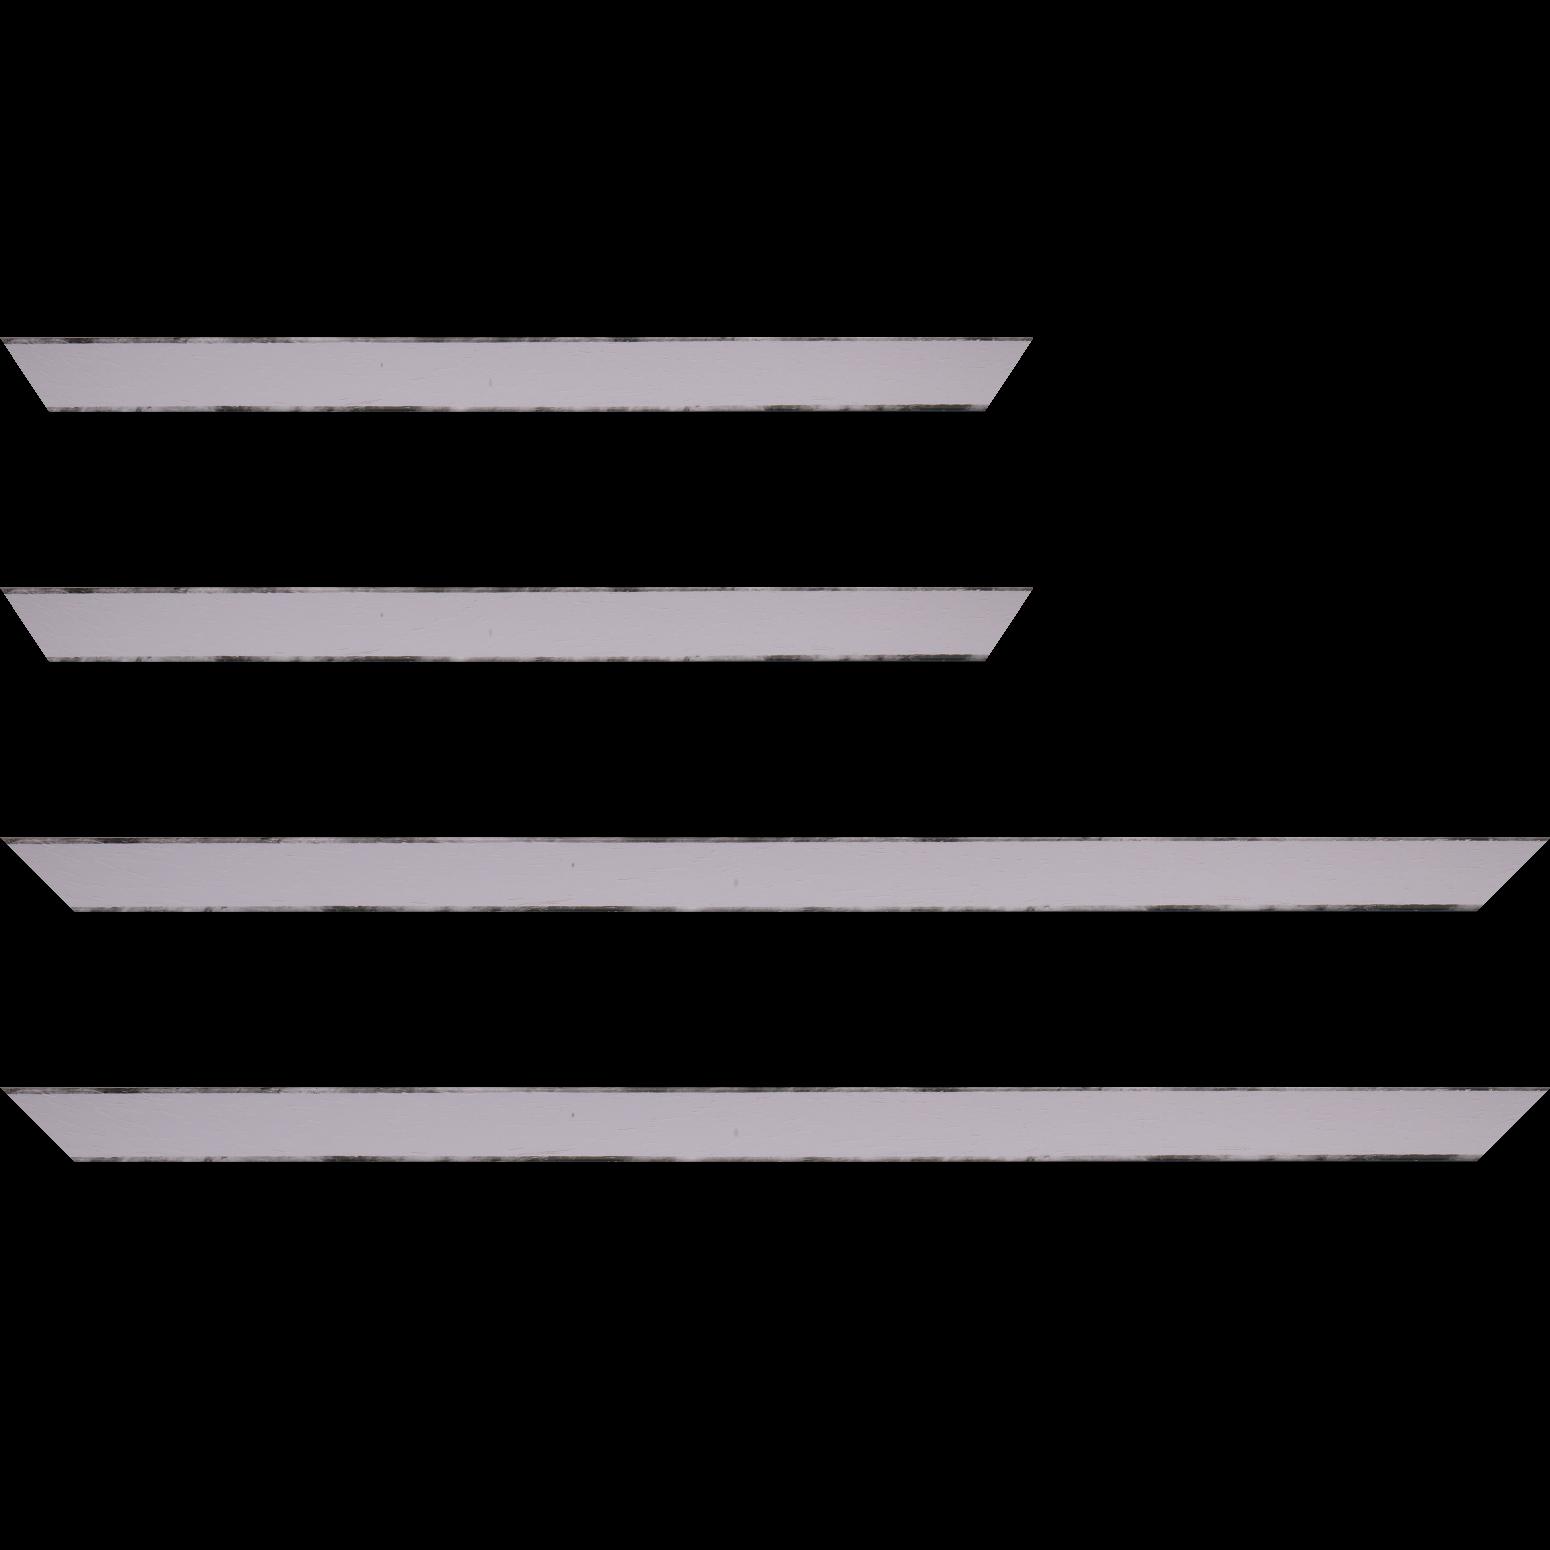 Baguette service précoupé Bois profil concave largeur 2.4cm couleur parme satiné arêtes essuyés noircies de chaque coté